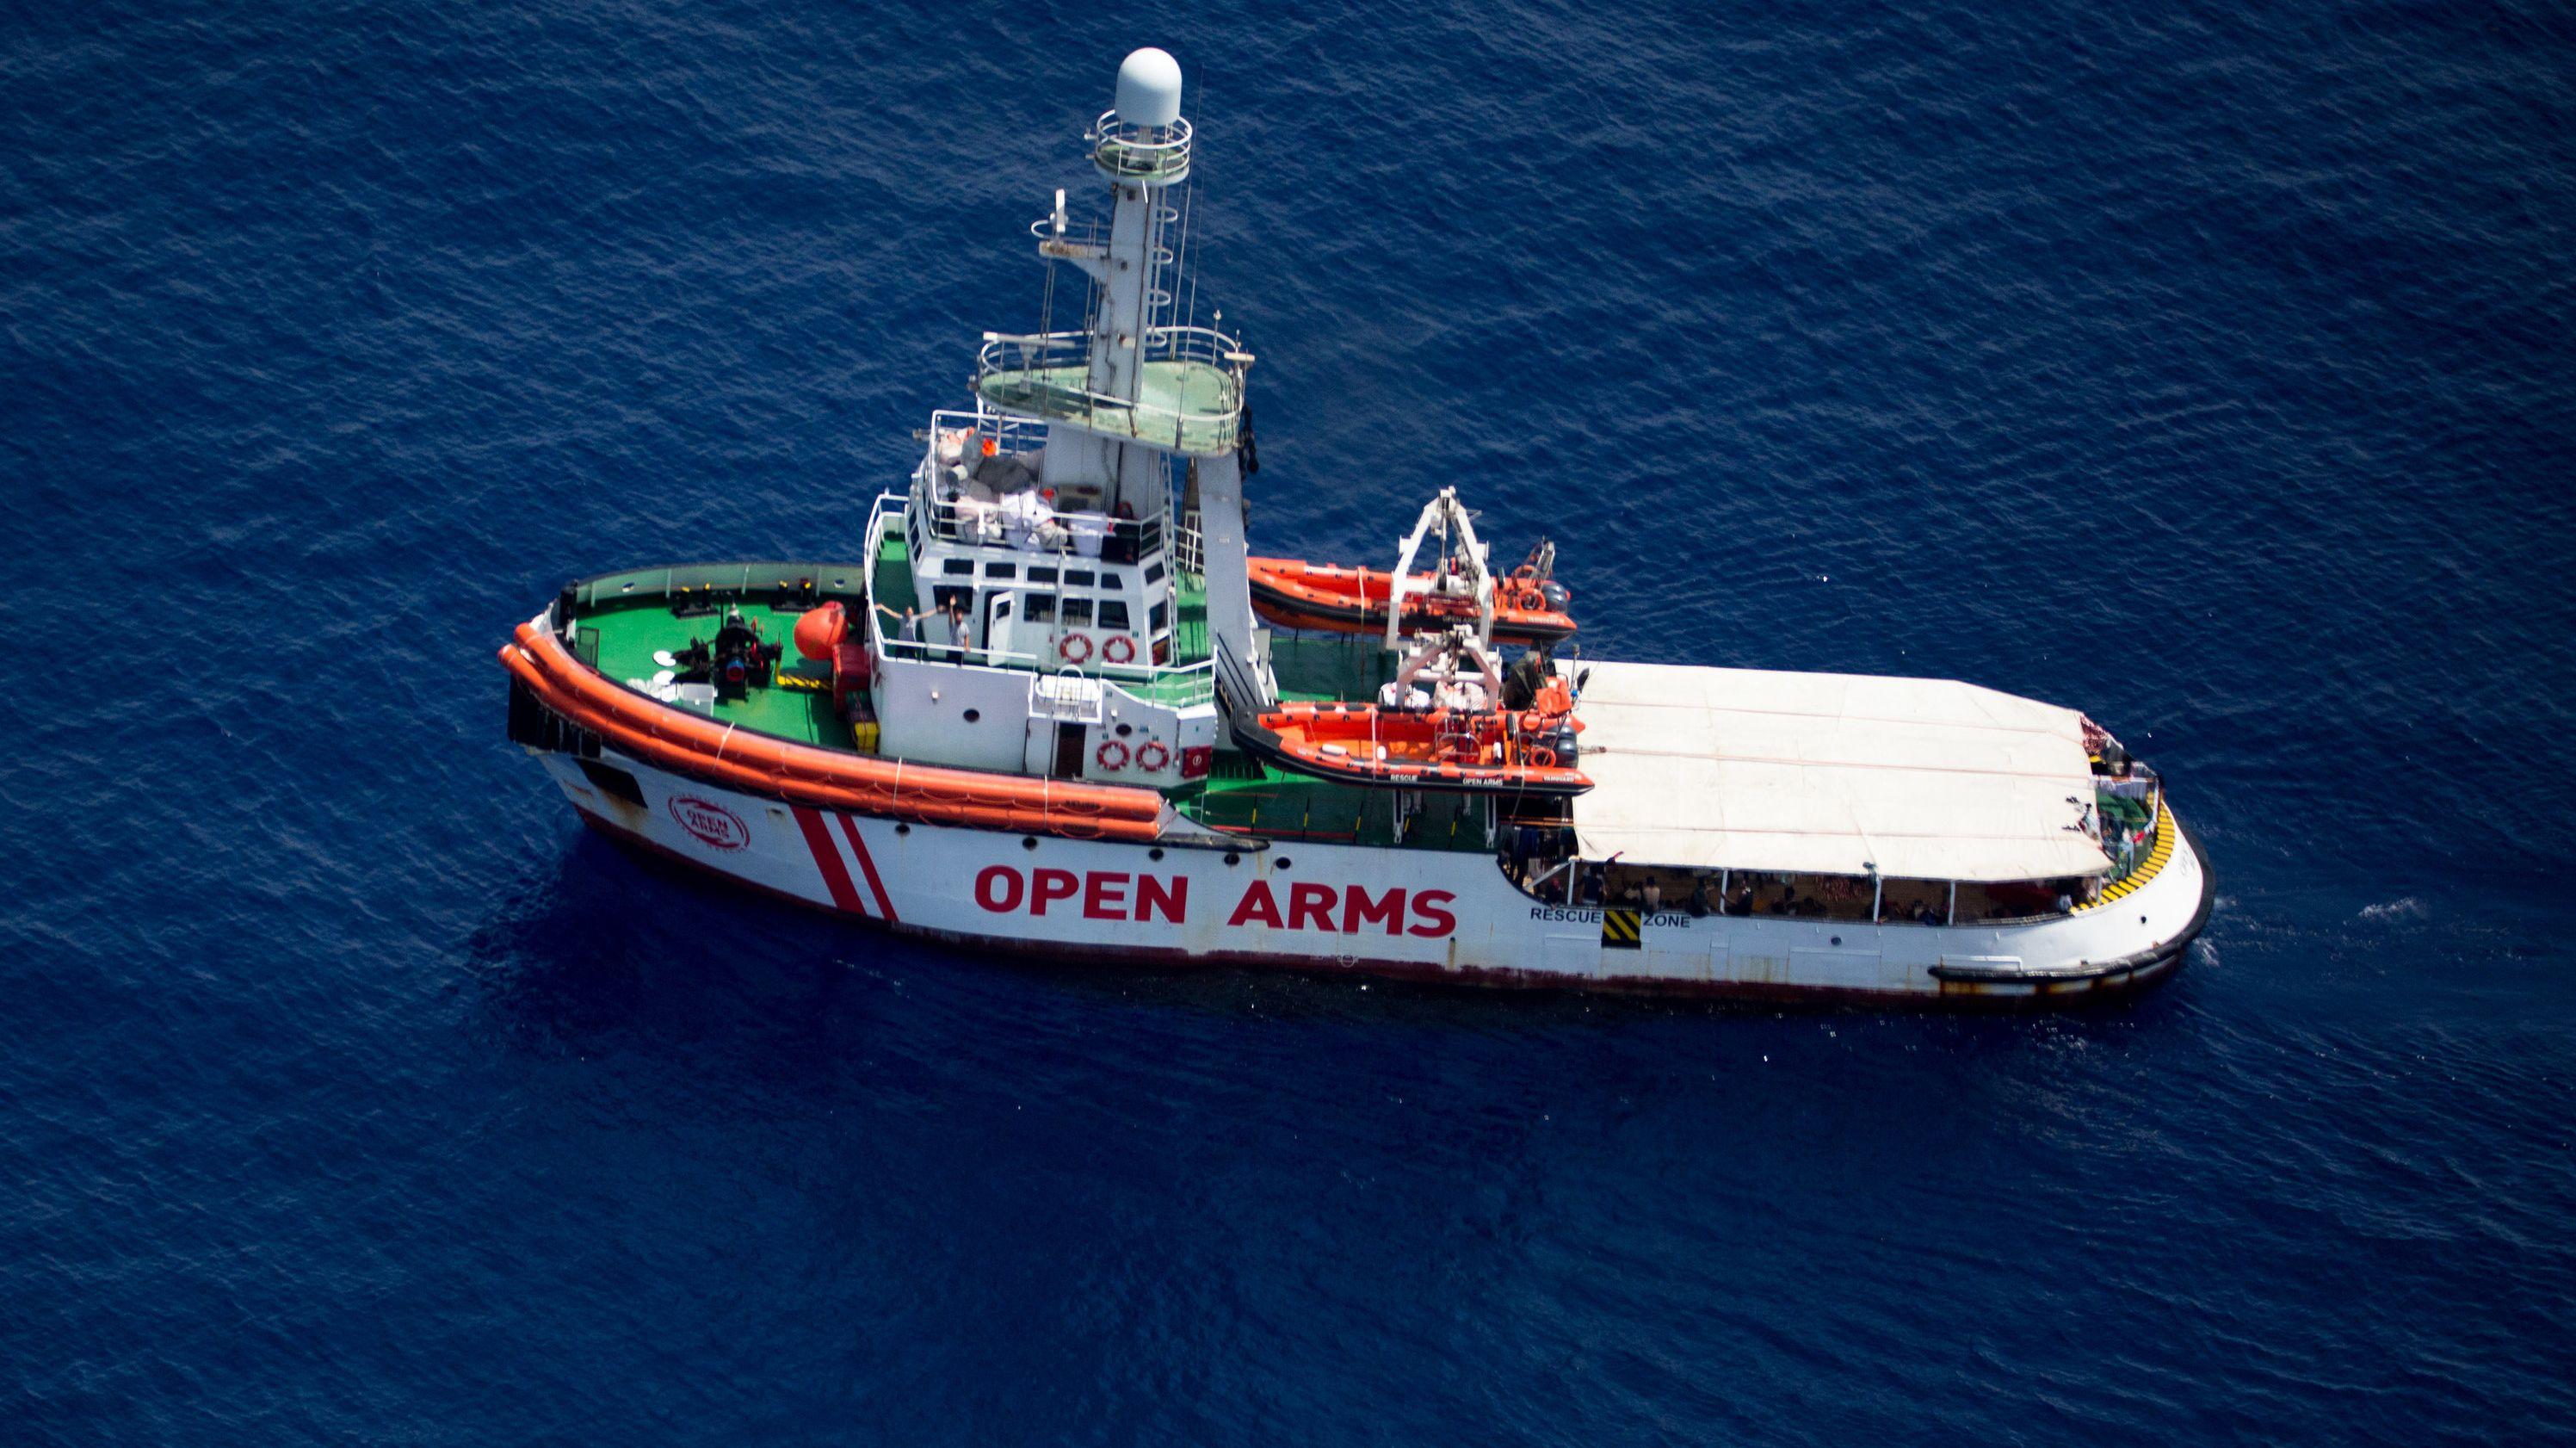 """Das Rettungsschiff """"Open Arms"""" der Hilfsorganisation """"Proactiva Open Arms"""" im Mittelmeer vor der Küste der Insel Lampedusa."""